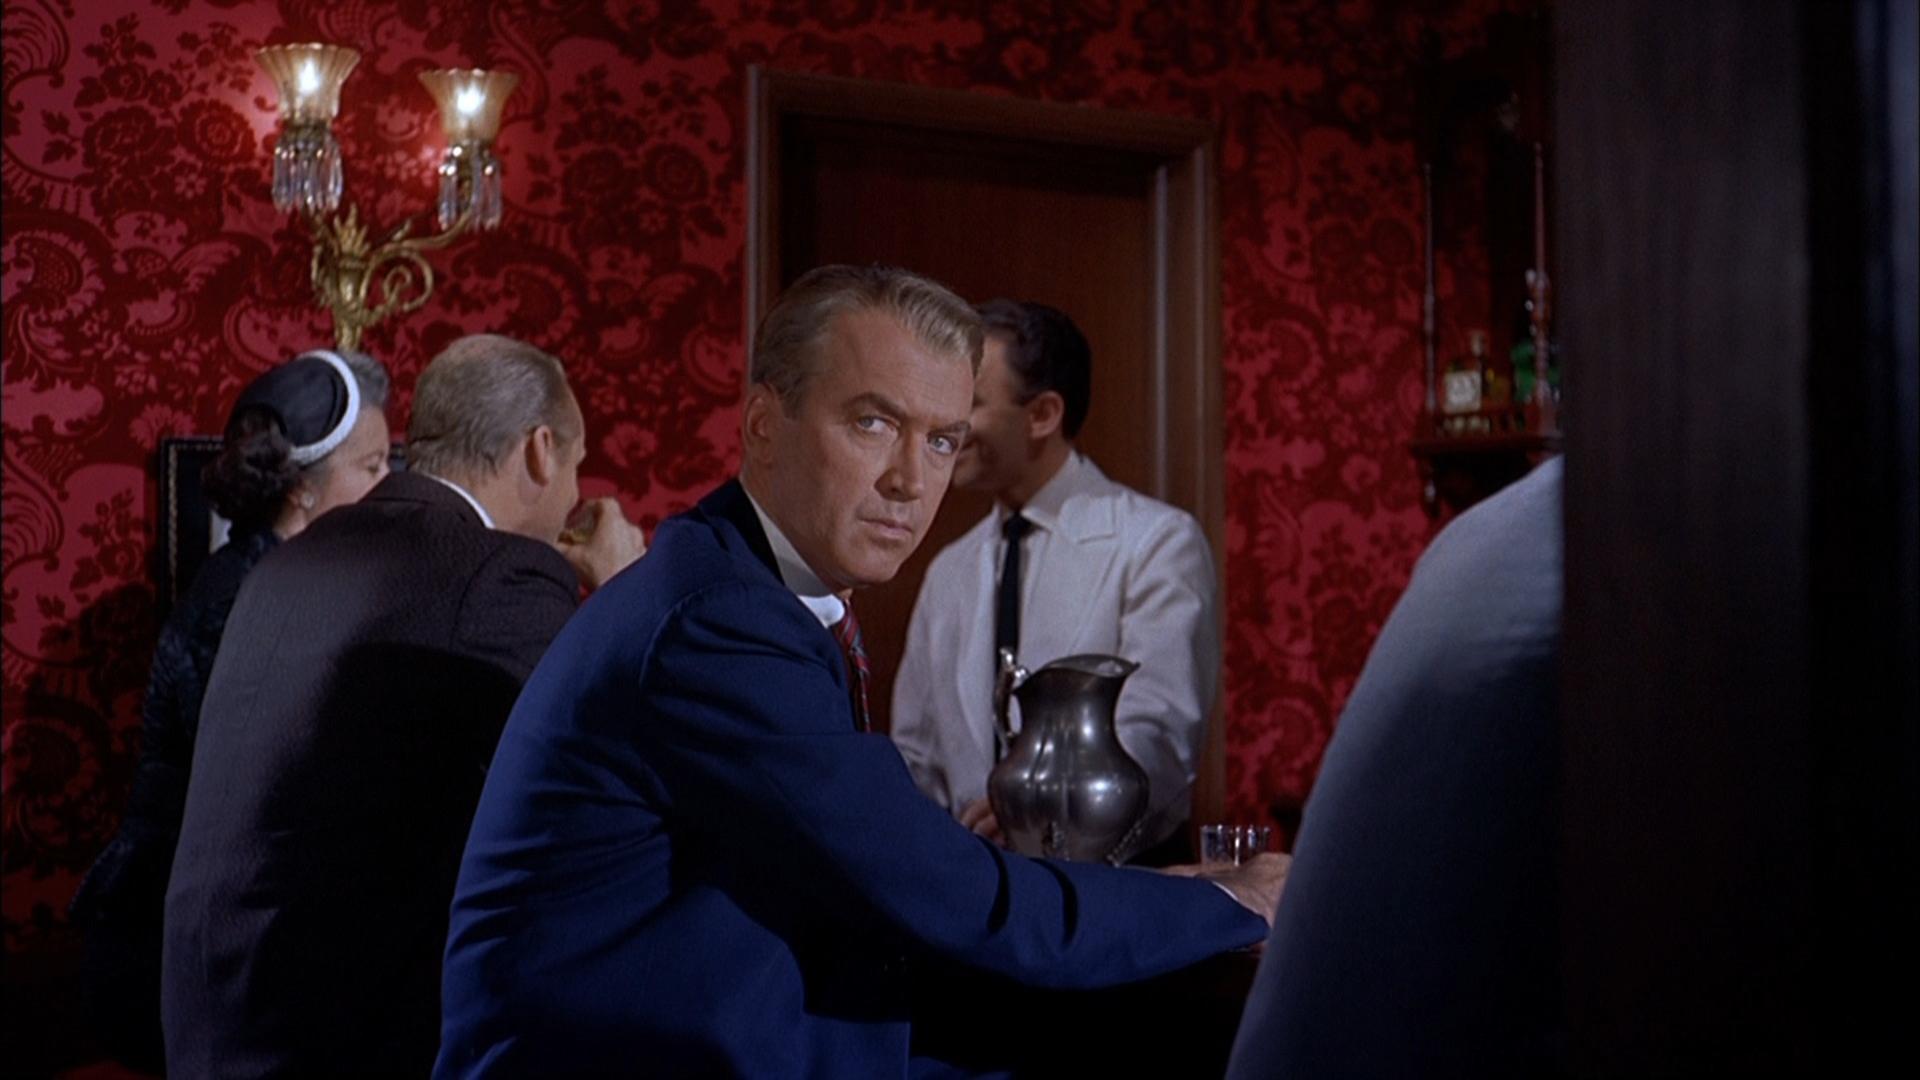 vertigo hitchcock Vertigo has 177 ratings and 12 reviews joseph said: if you have an interest or a fascination with alfred hitchcock's 1958 classic film vertigo, which m.